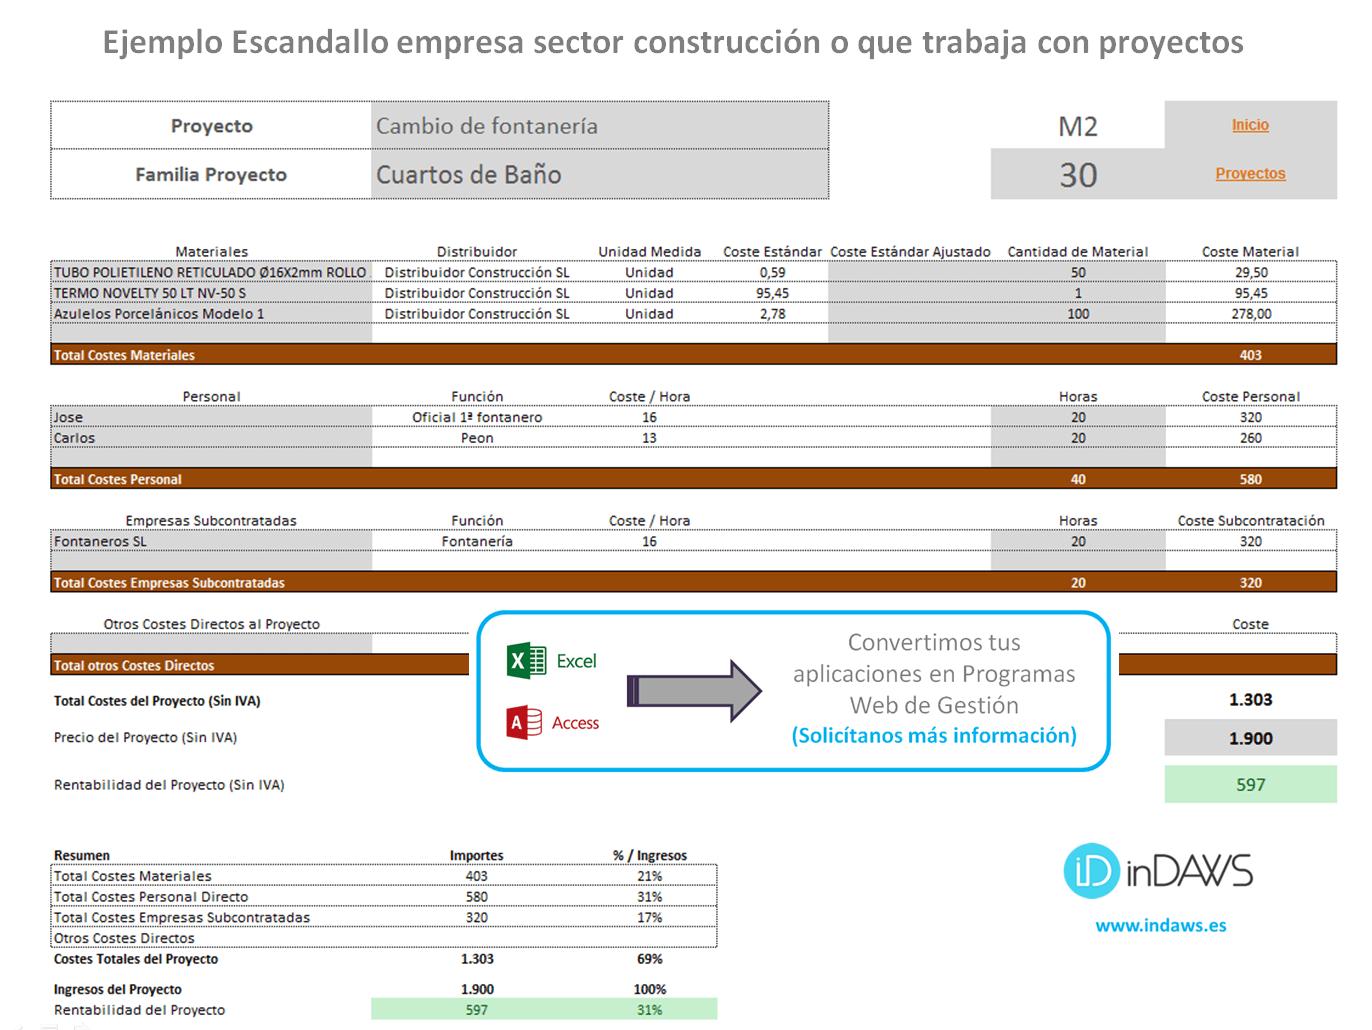 Ejemplo Escandallo Costes con Excel